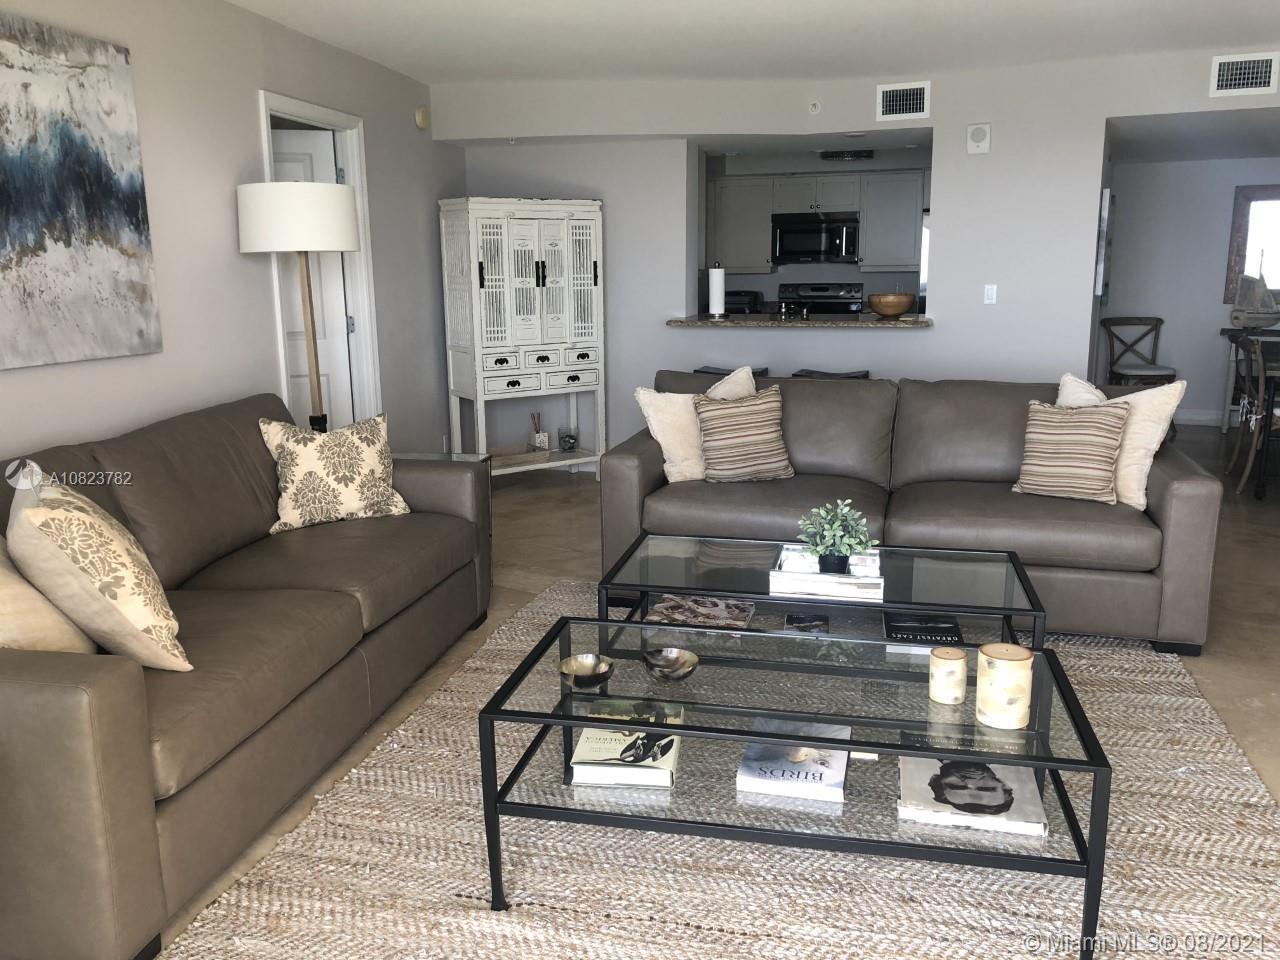 3000 N Ocean Dr # 33D, Riviera Beach, Florida 33404, 2 Bedrooms Bedrooms, ,2 BathroomsBathrooms,Residential Lease,For Rent,3000 N Ocean Dr # 33D,A10823782